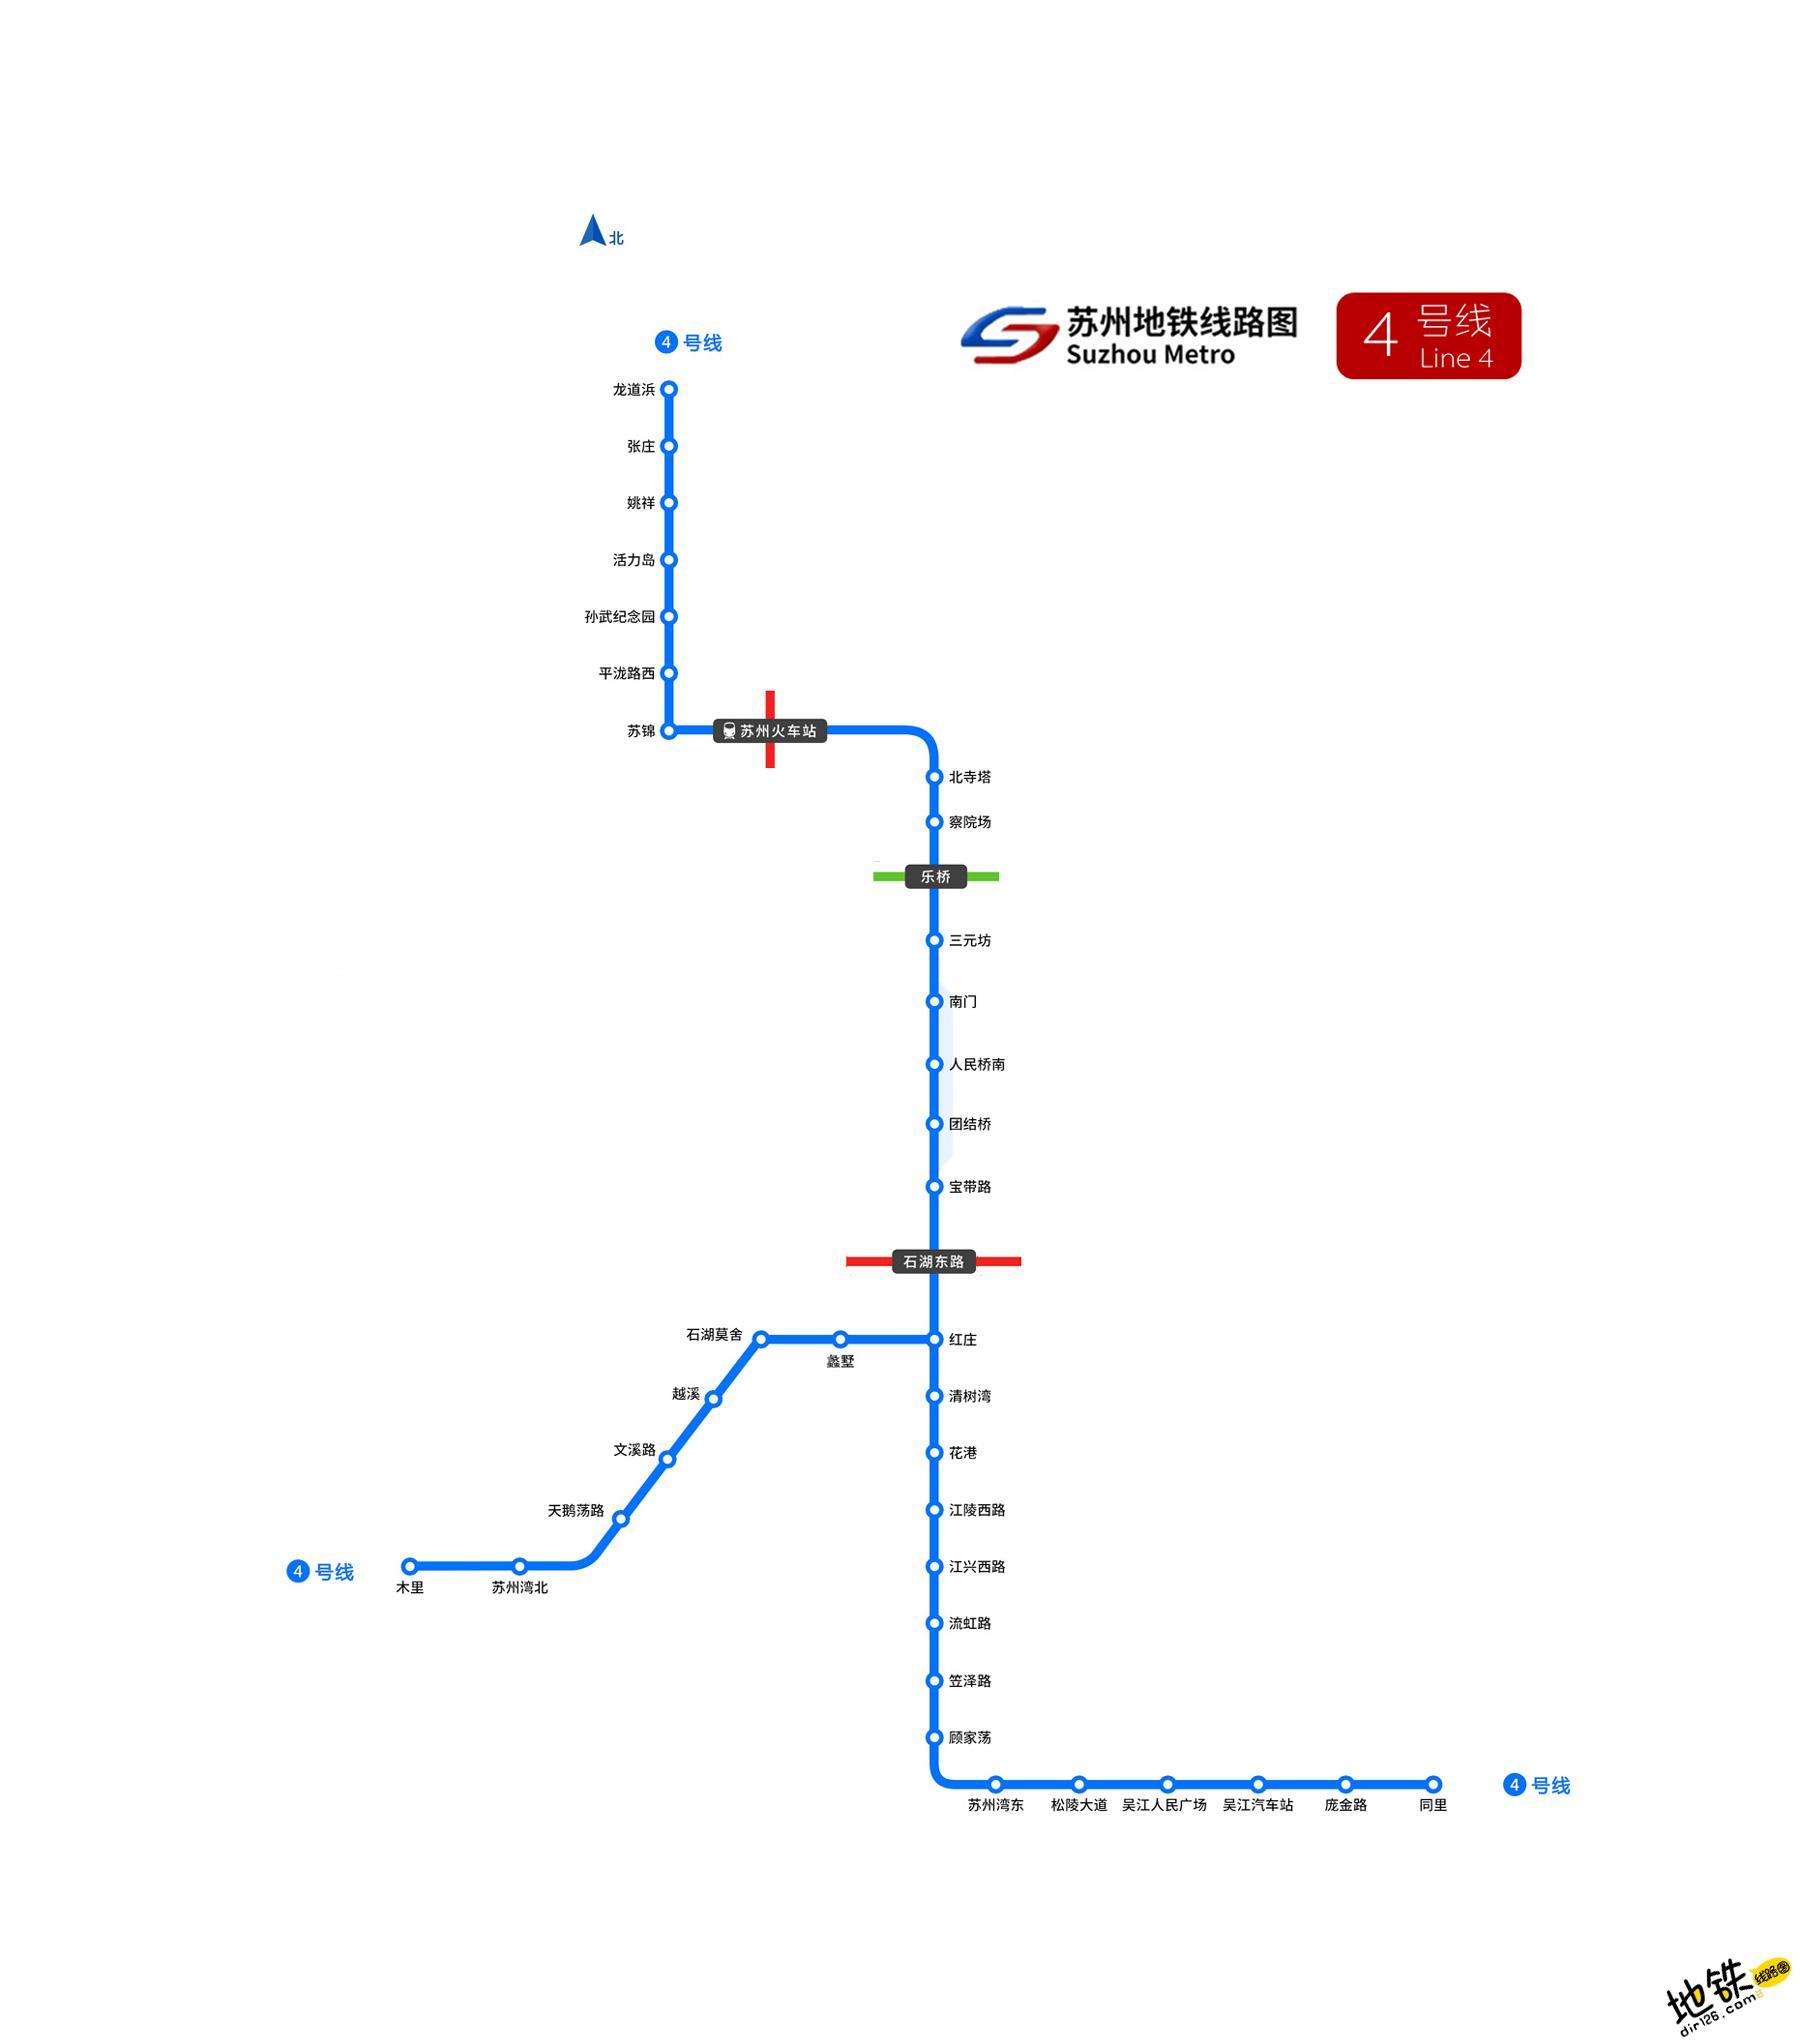 苏州地铁4号线线路图_运营时间票价站点_查询下载 苏州地铁线路图 第2张